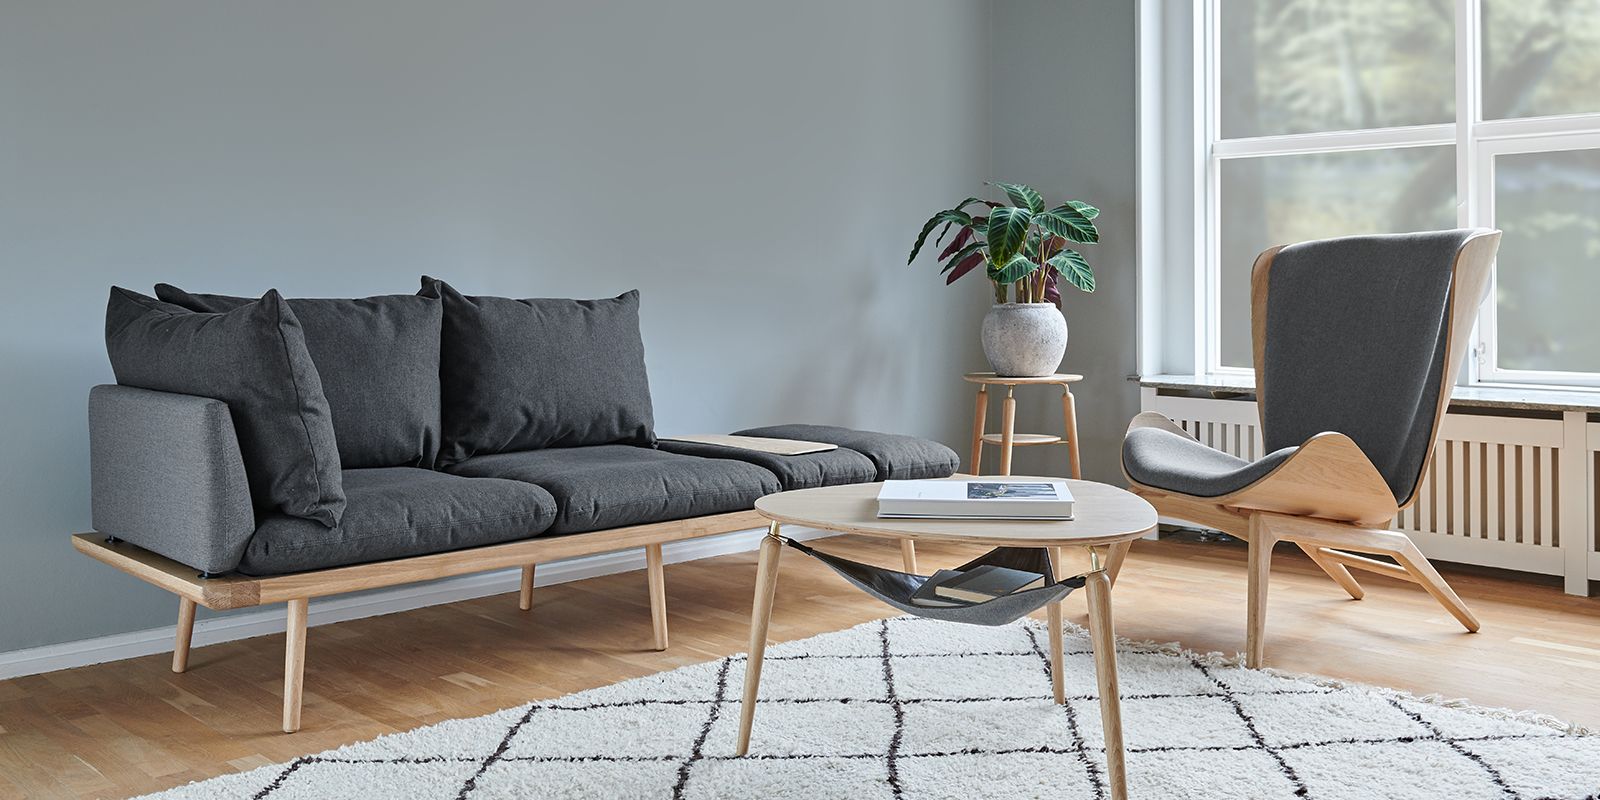 Umage Furniture & Lighting at Papillon Interiors